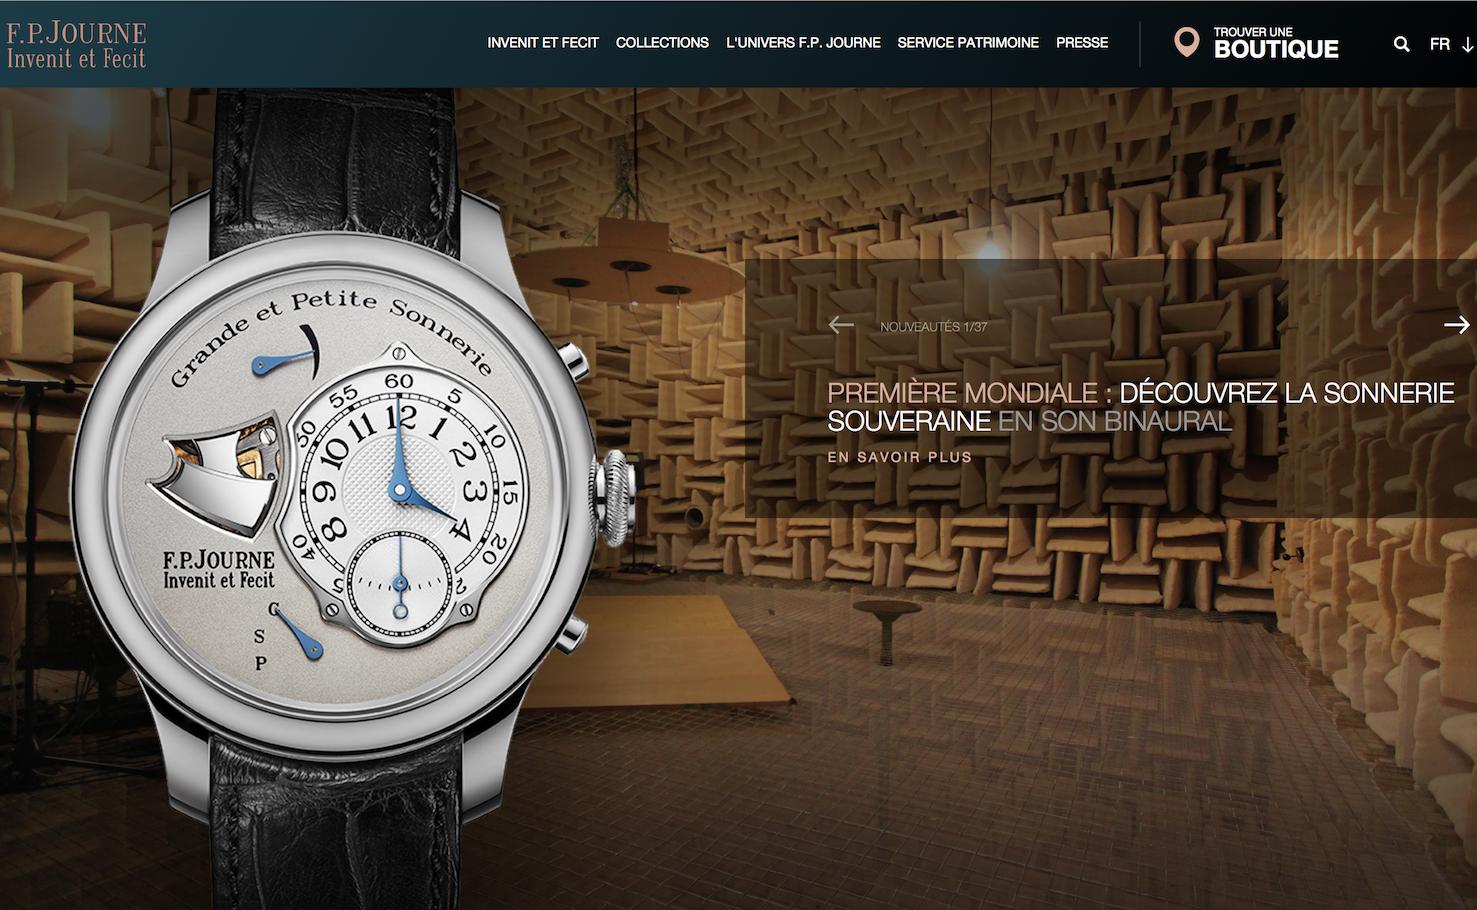 Chanel 收购瑞士高端制表商 F.P. Journe 20%股权,进一步整合表壳和钟盘生产